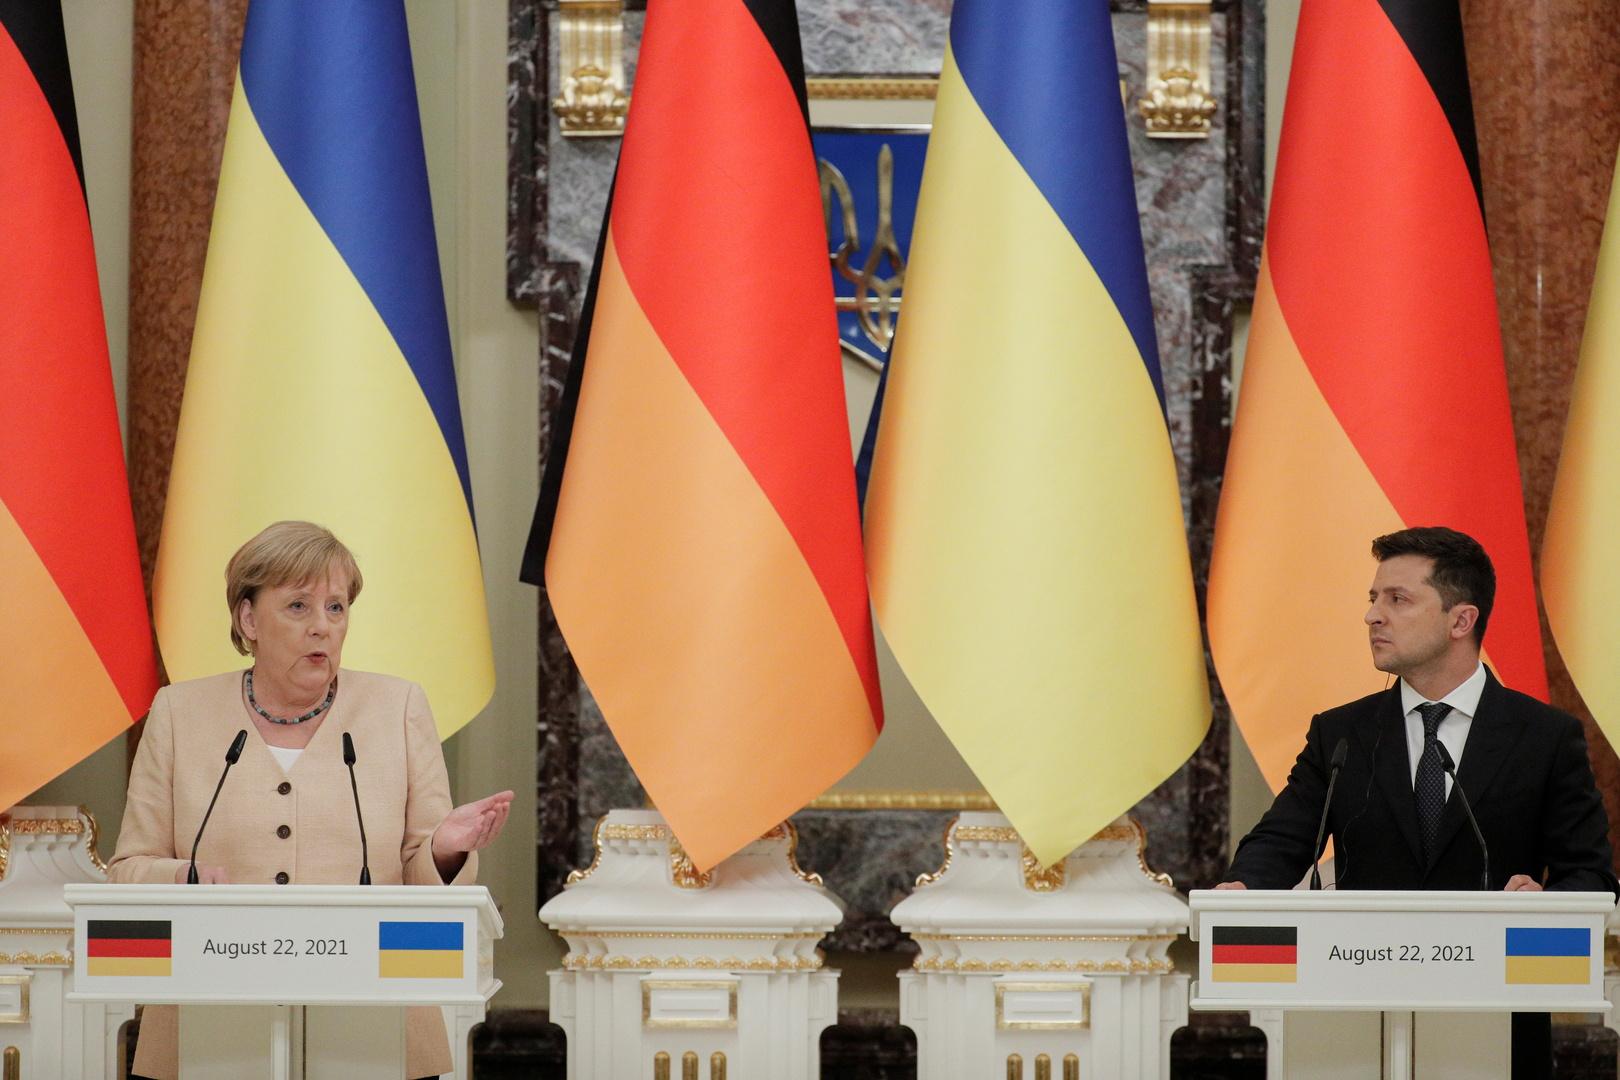 المستشارة الألمانية أنغيلا ميركل والرئيس الأوكراني فلاديمير زيلينسكي